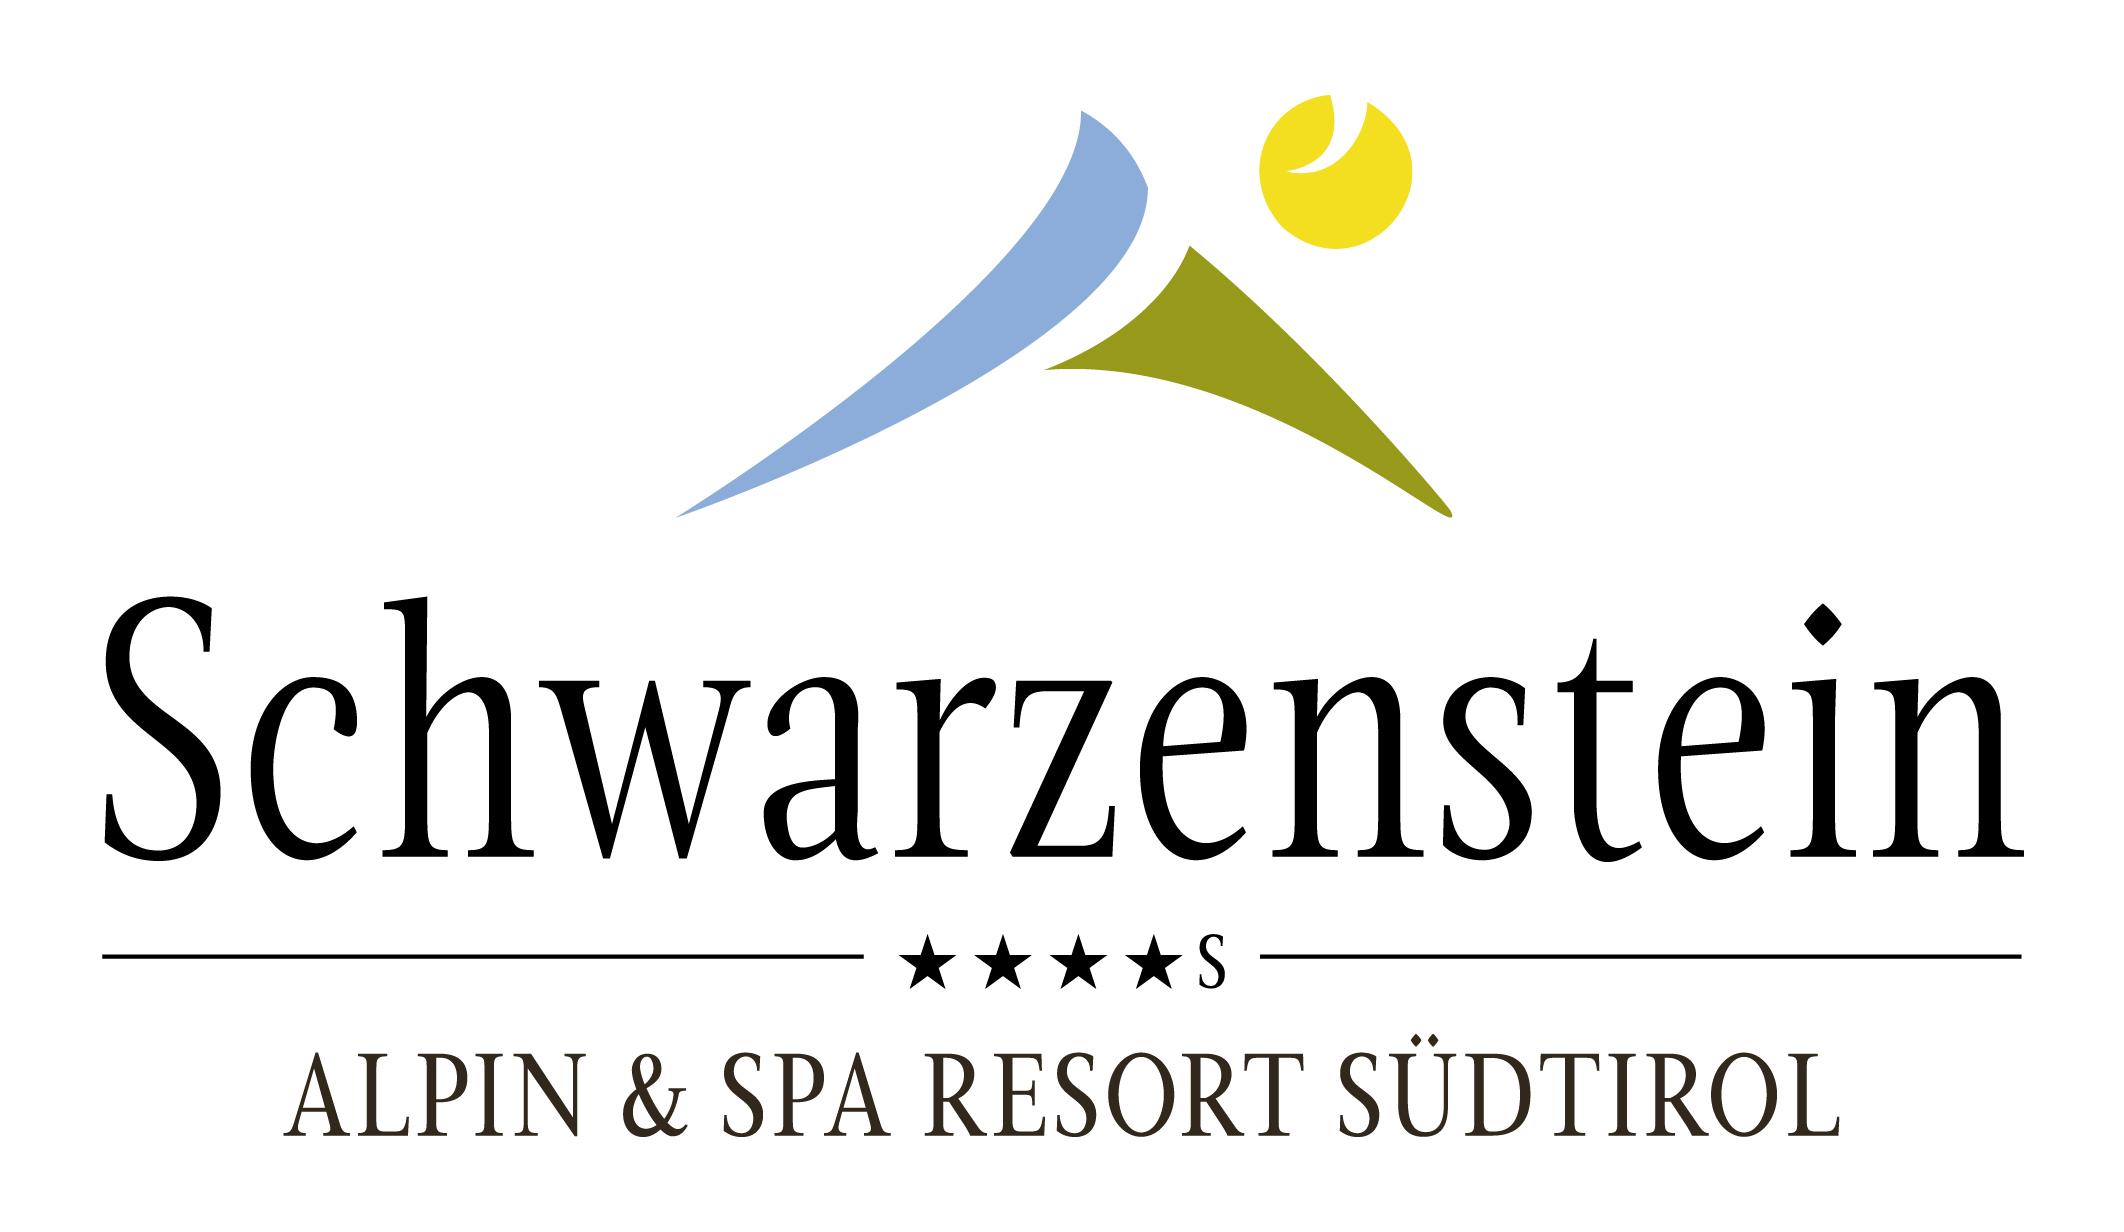 Schwarzenstein Hotel